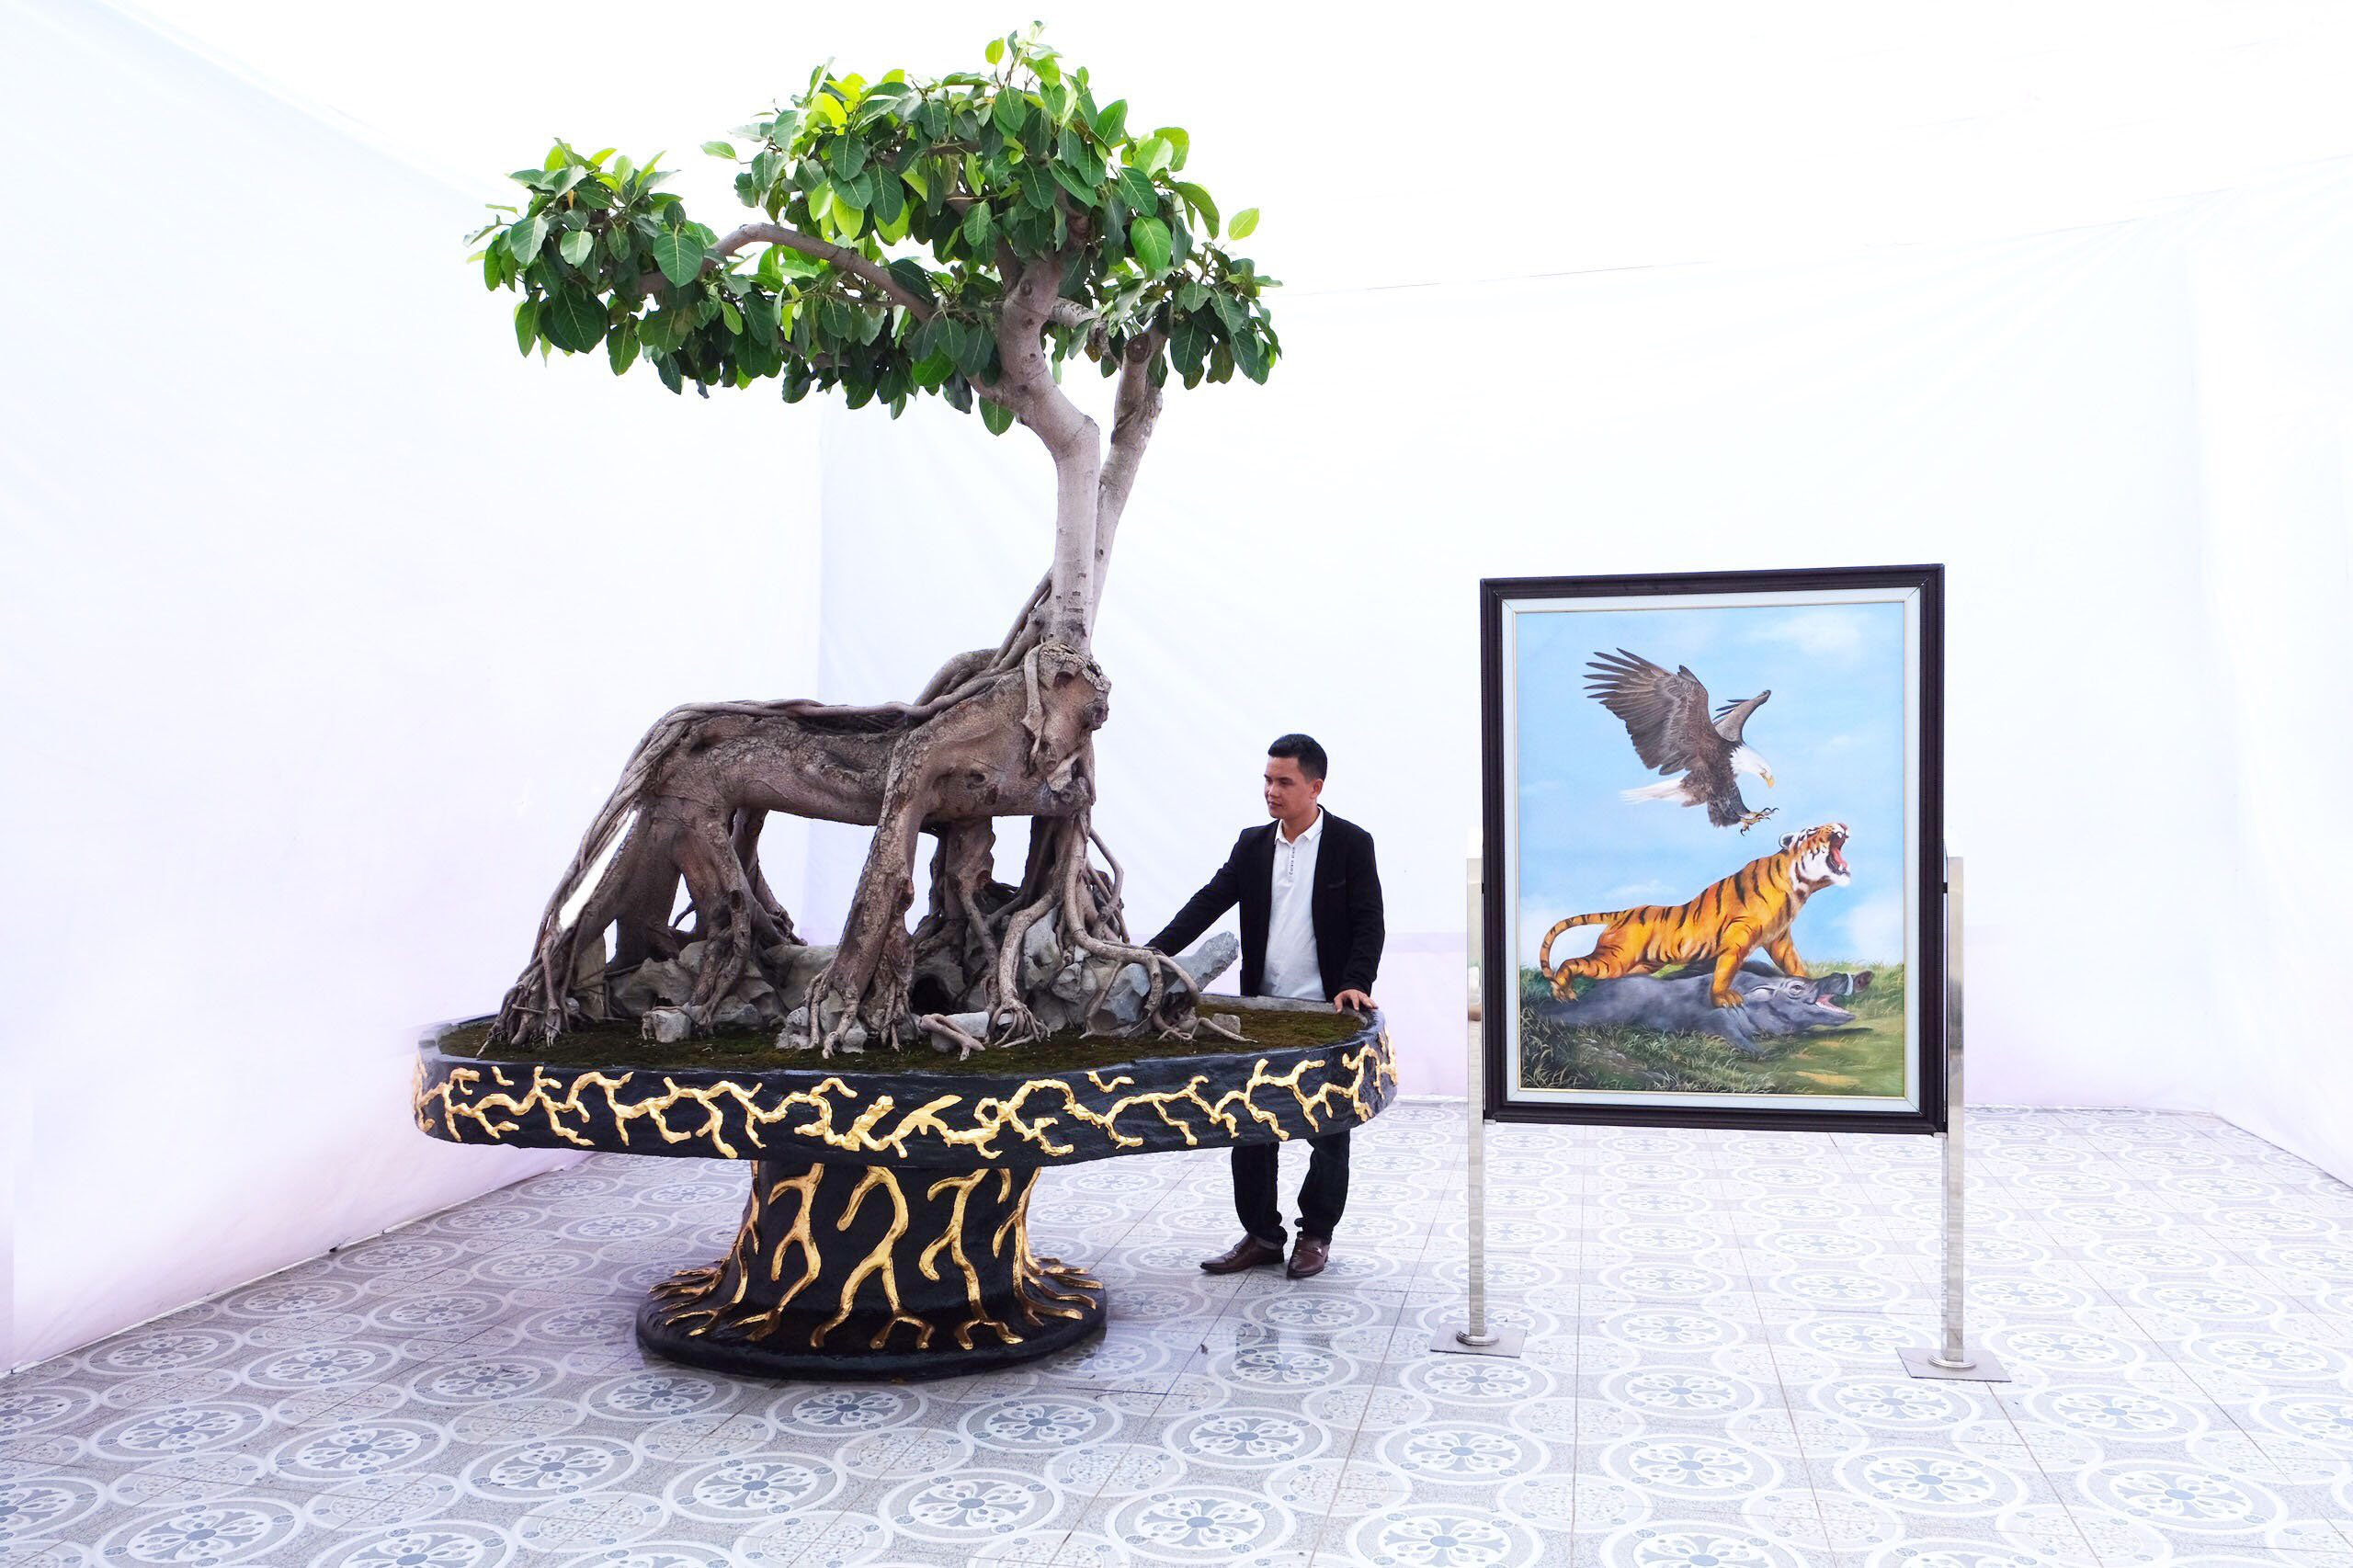 Thân cây hình Mãnh Hổ- chúa tể của muôn loài dưới mặt đất, cũng là biểu tượng của bậc anh hùng hảo hán, bậc quân tử, thể hiện khí chất của người dũng cảm và bản lĩnh.Thân bệ cây sinh trưởng phát triển thành hình Mãnh Hổto lớn và hùng dũng với cơ bắp vạm vỡ cuồn cuộn, bốn nhánh thân của cây biểu hiện bốn chân của mãnh hổ đang ghì bắt con lợn rừng được tạc bằng đá bị đè nằm bên dưới. Bệ rễ của cây đang bám chắc vào đá như những móng vuốt của Mãnh Hổgiữ chặt con mồi.